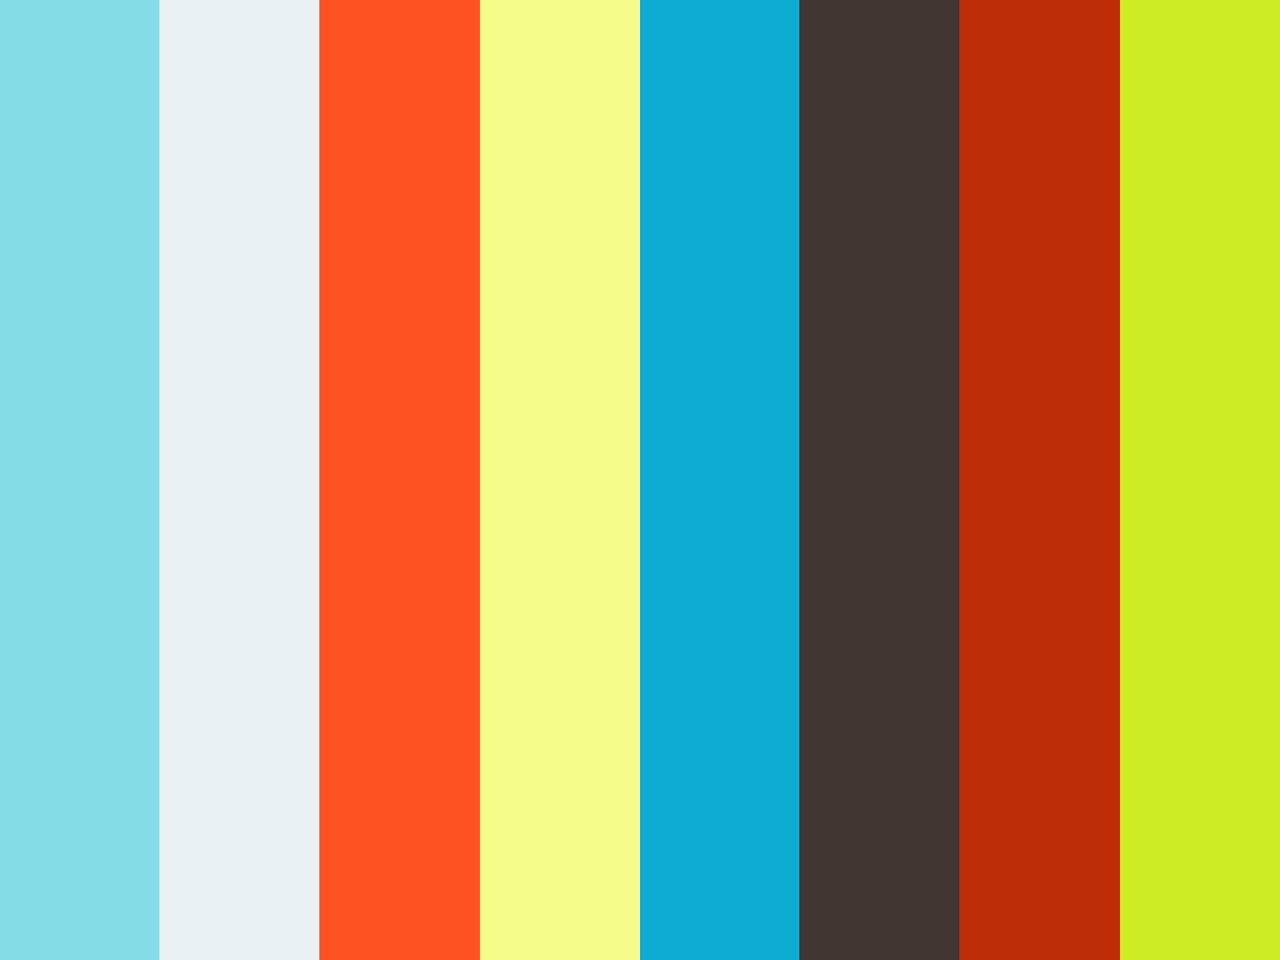 【SDE微電影】2013.11.30︱婚禮微電影-爺爺給國父的一百封情書︱高雄華園大飯店︱快剪快播S.D.E